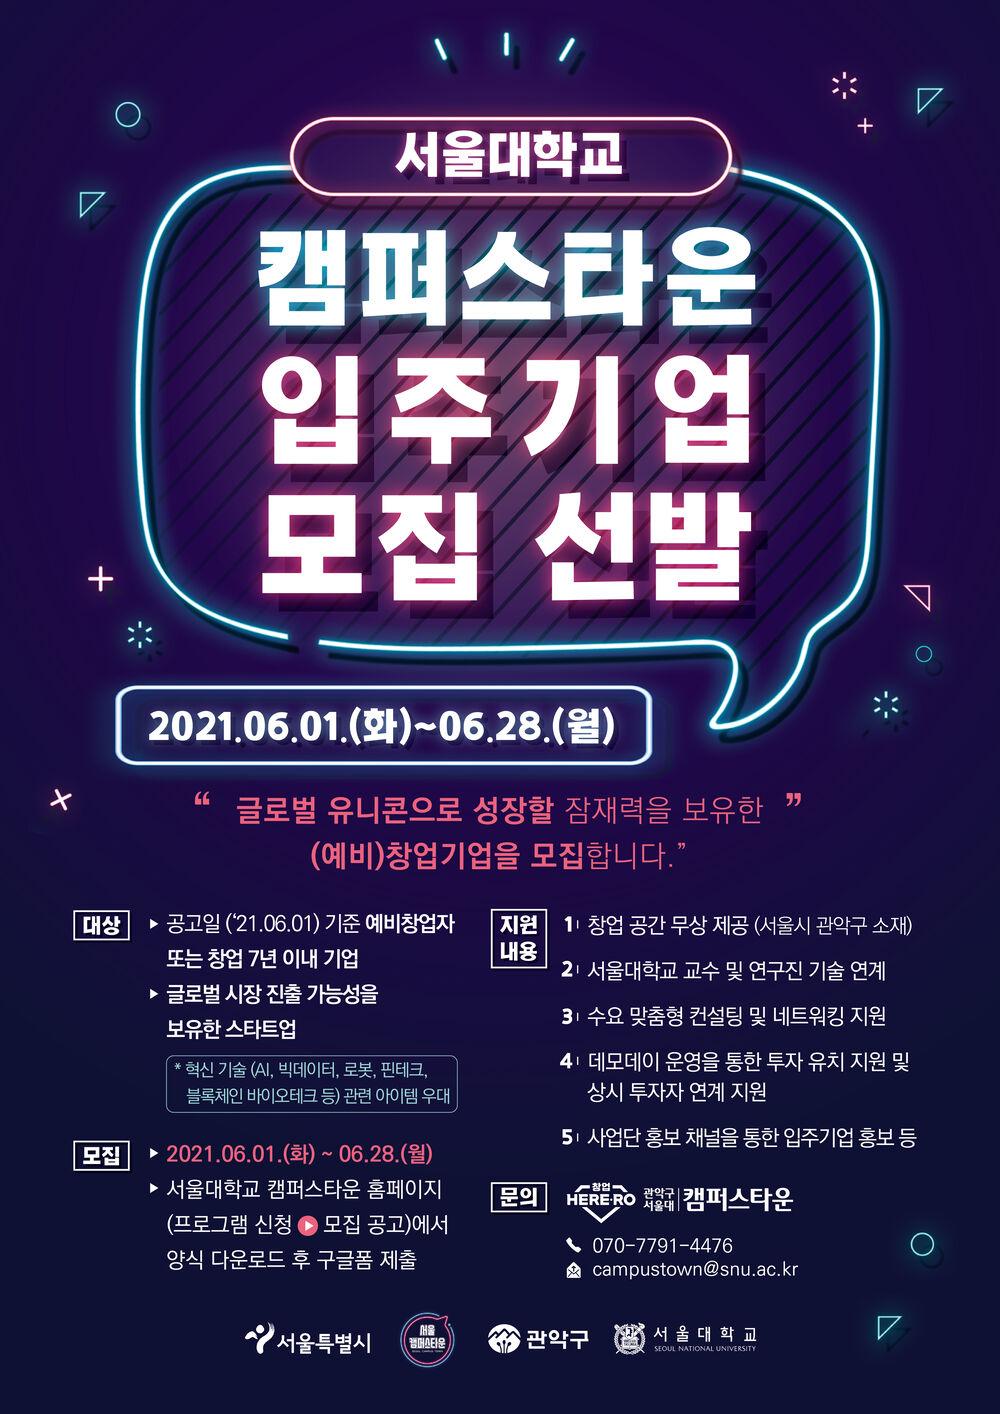 [포스터] 2021 서울대학교 캠퍼스타운 입주기업선발.jpg